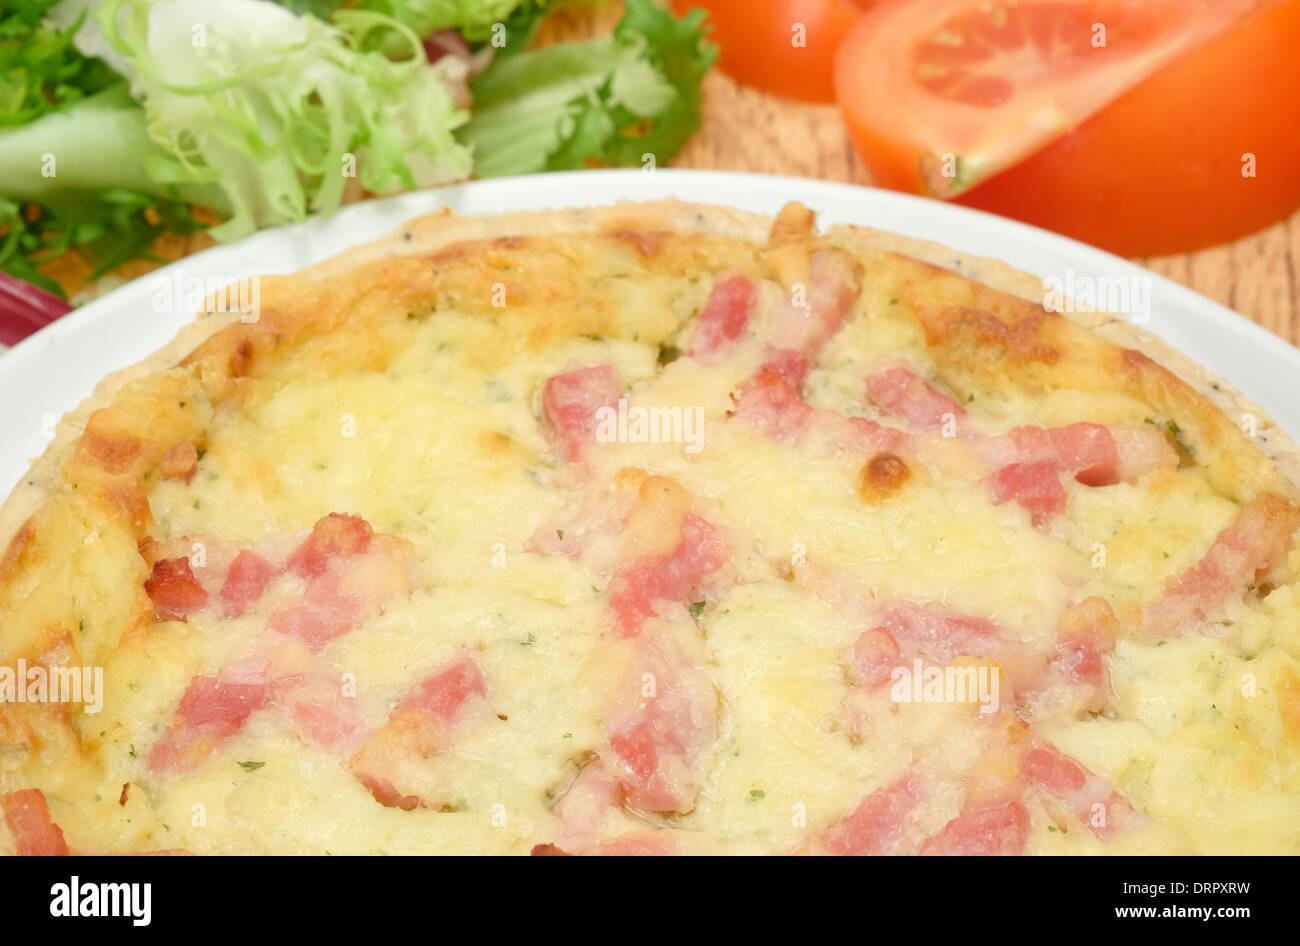 Queso y bacon Quiche Lorraine en una placa blanca - Foto de estudio Imagen De Stock